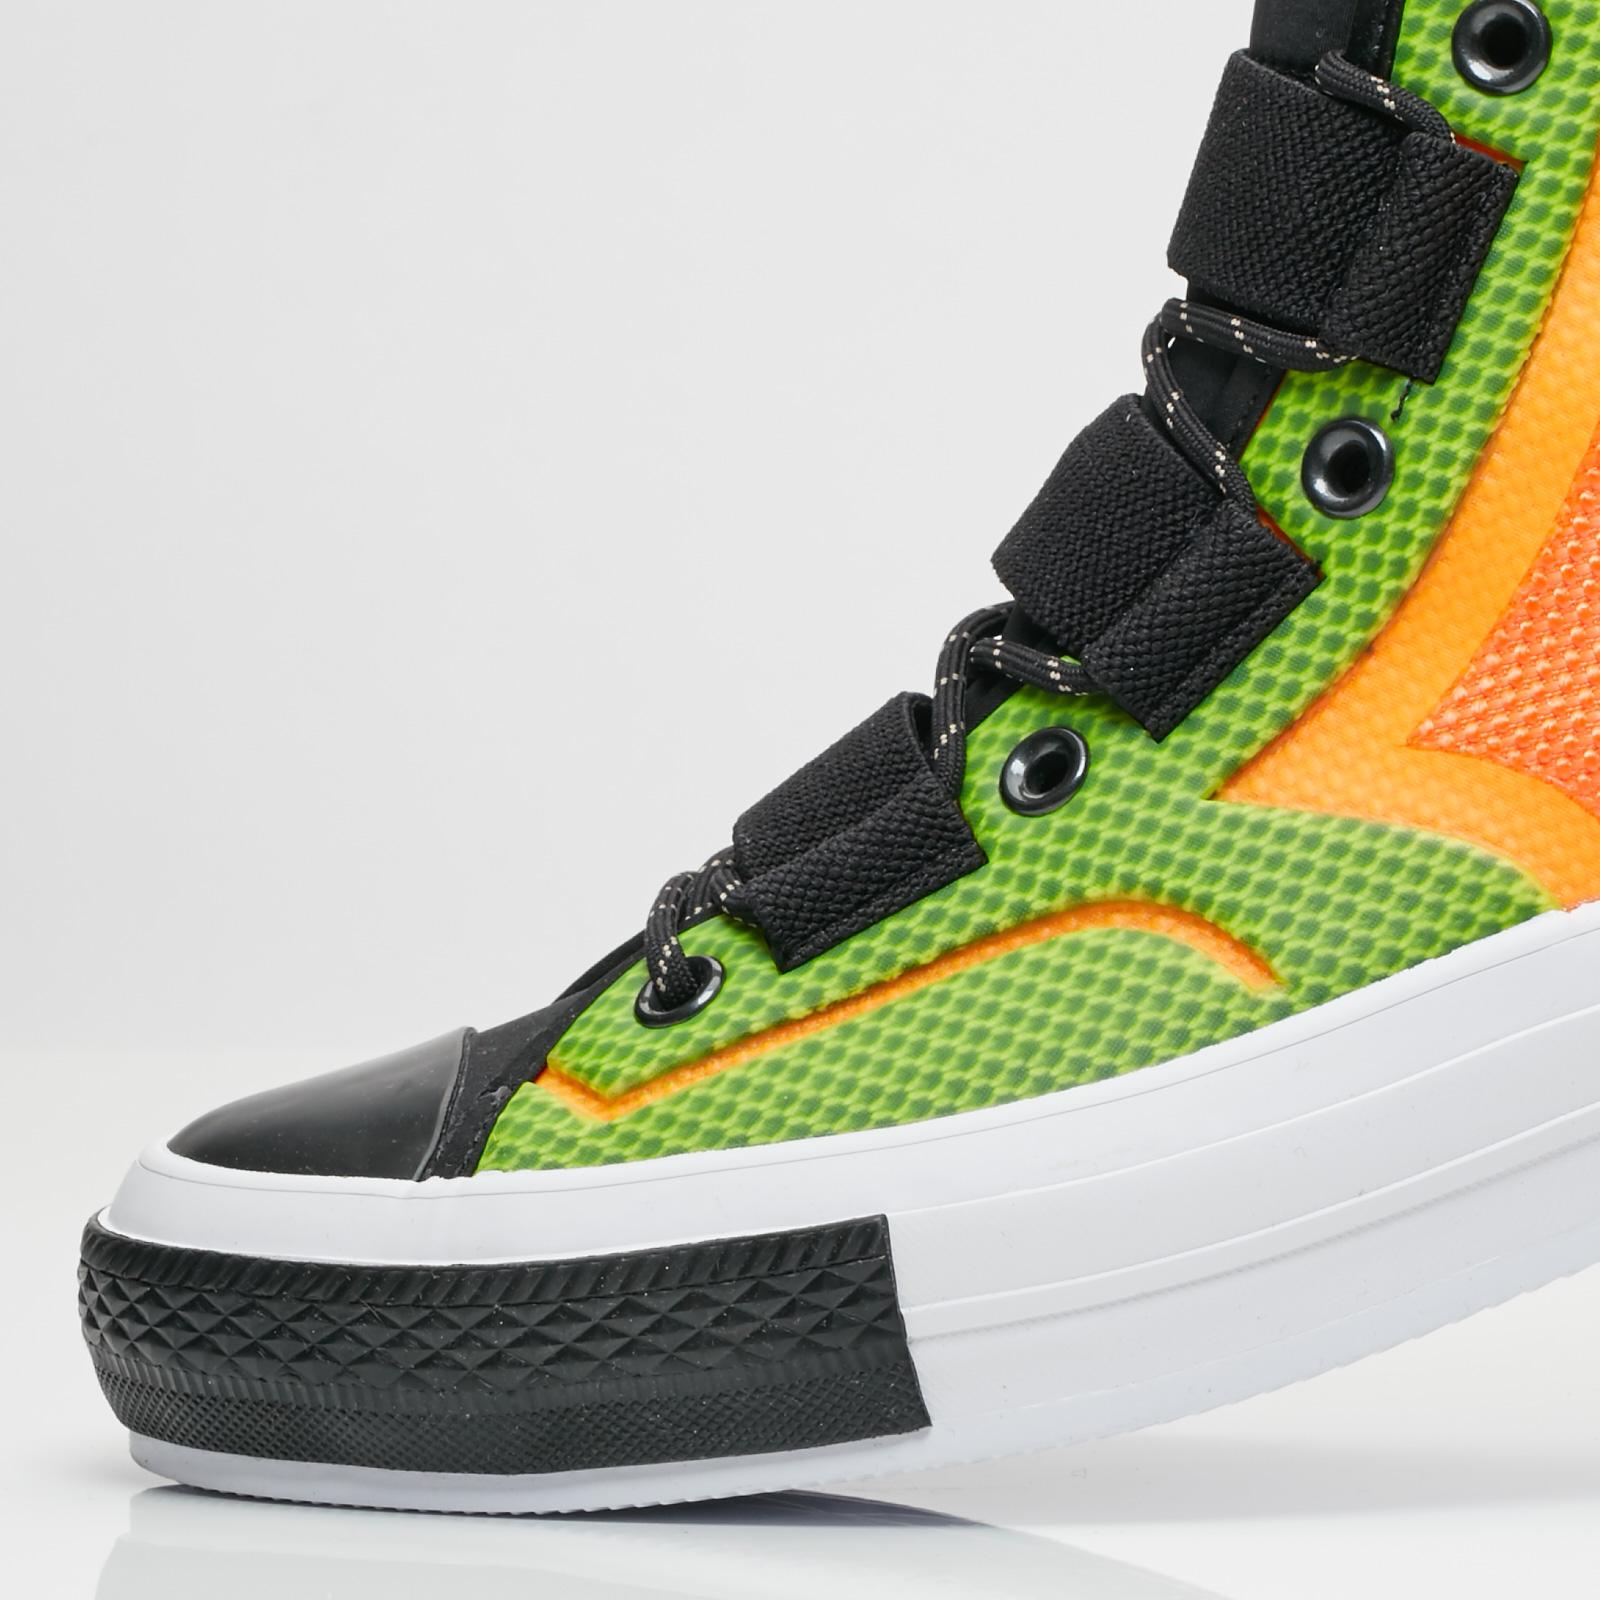 0d70d4a9968c Converse Utility Hiker Gore-Tex - 160320c - Sneakersnstuff ...